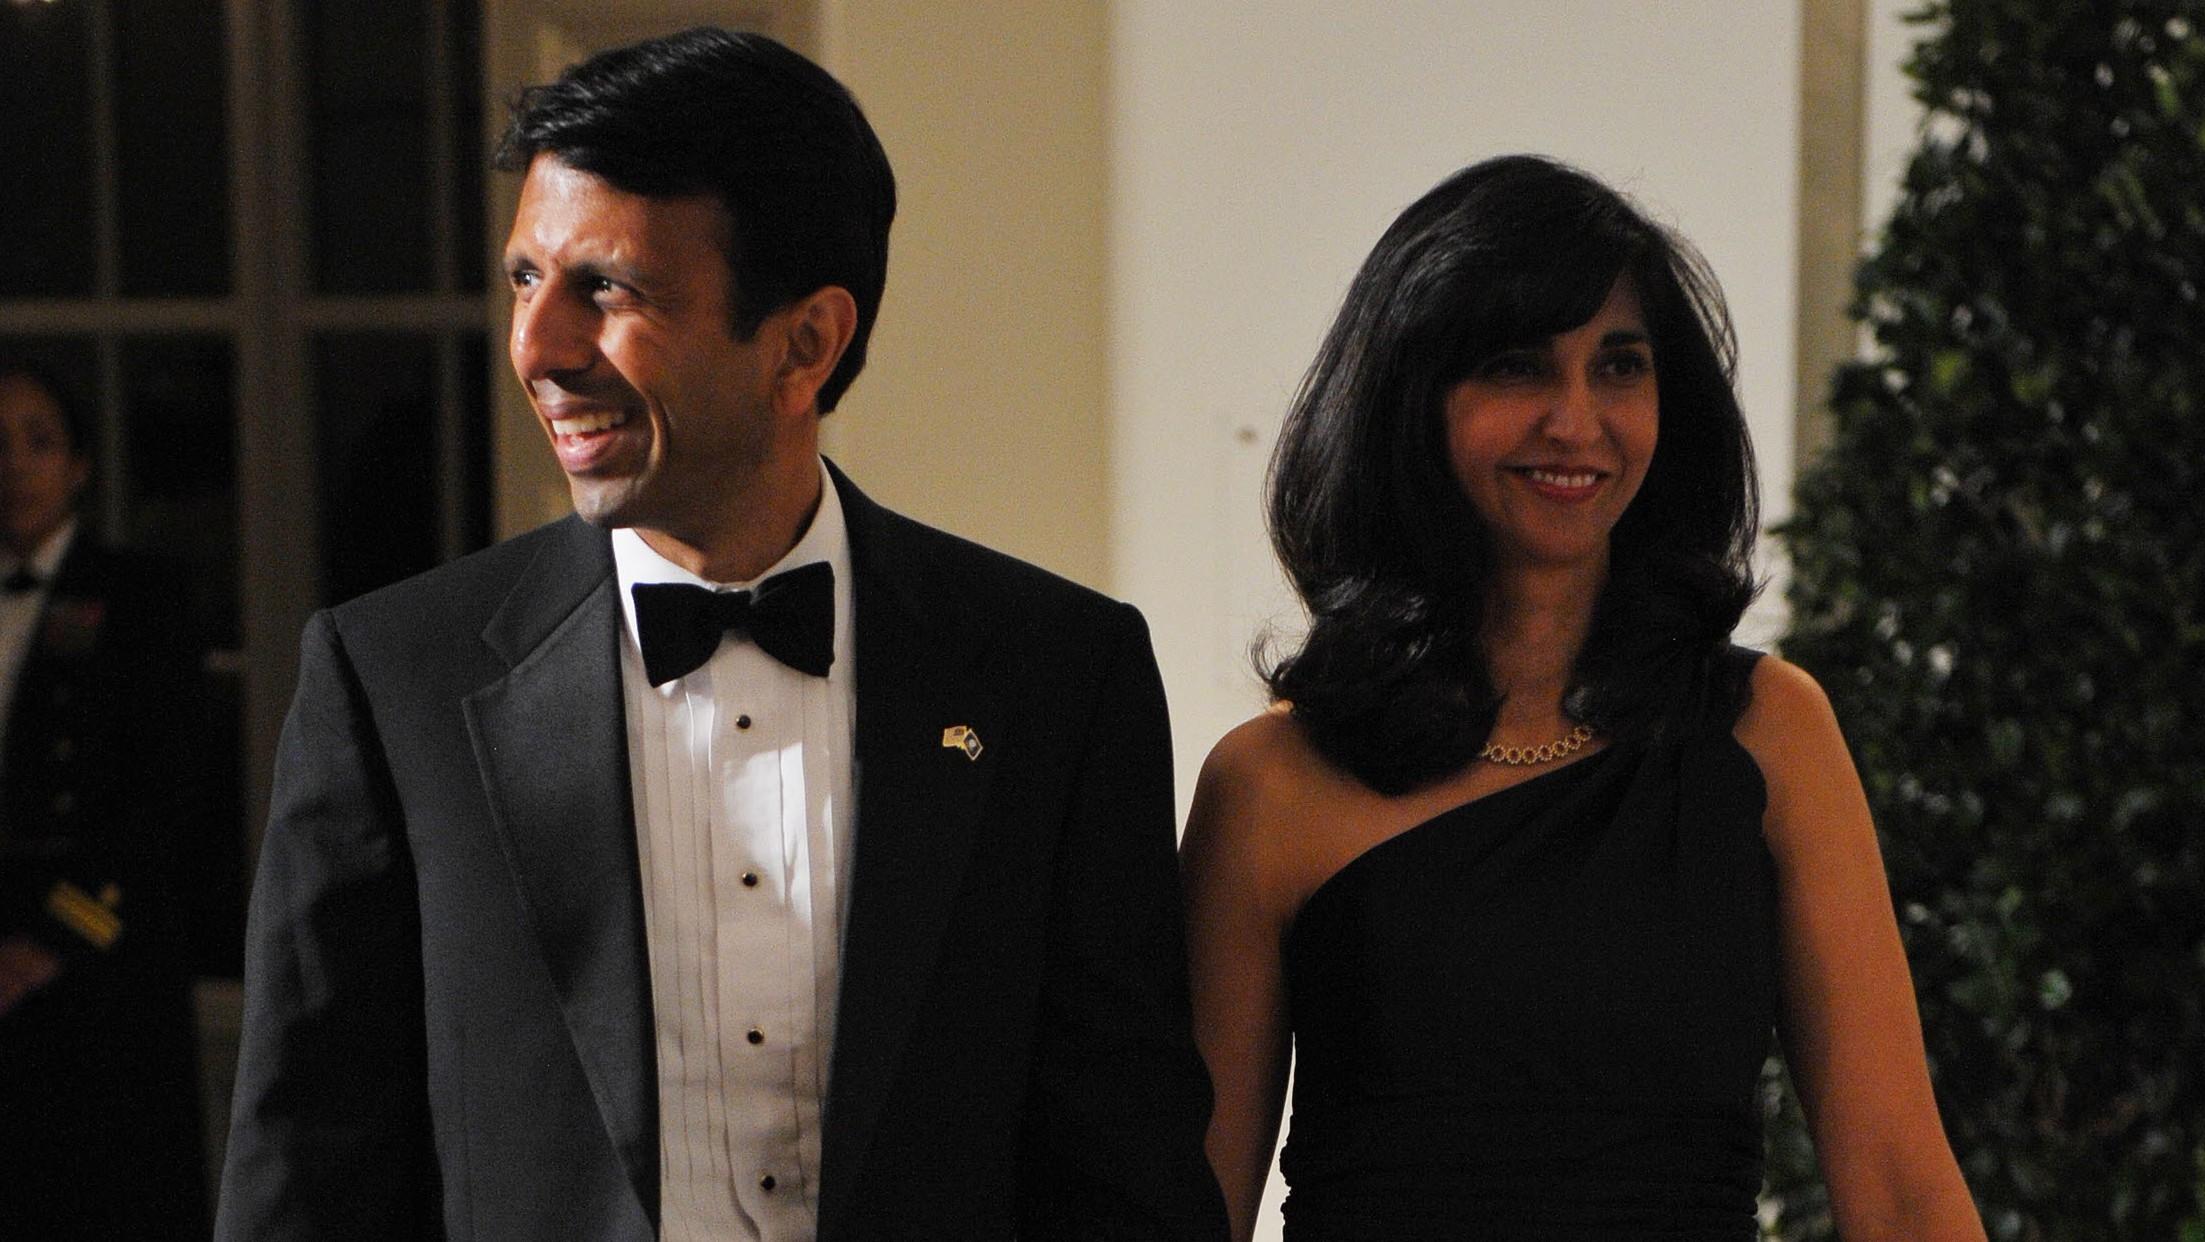 Supriya Jindal, Supriya Jolly Jindal, Bobby Jindal wife